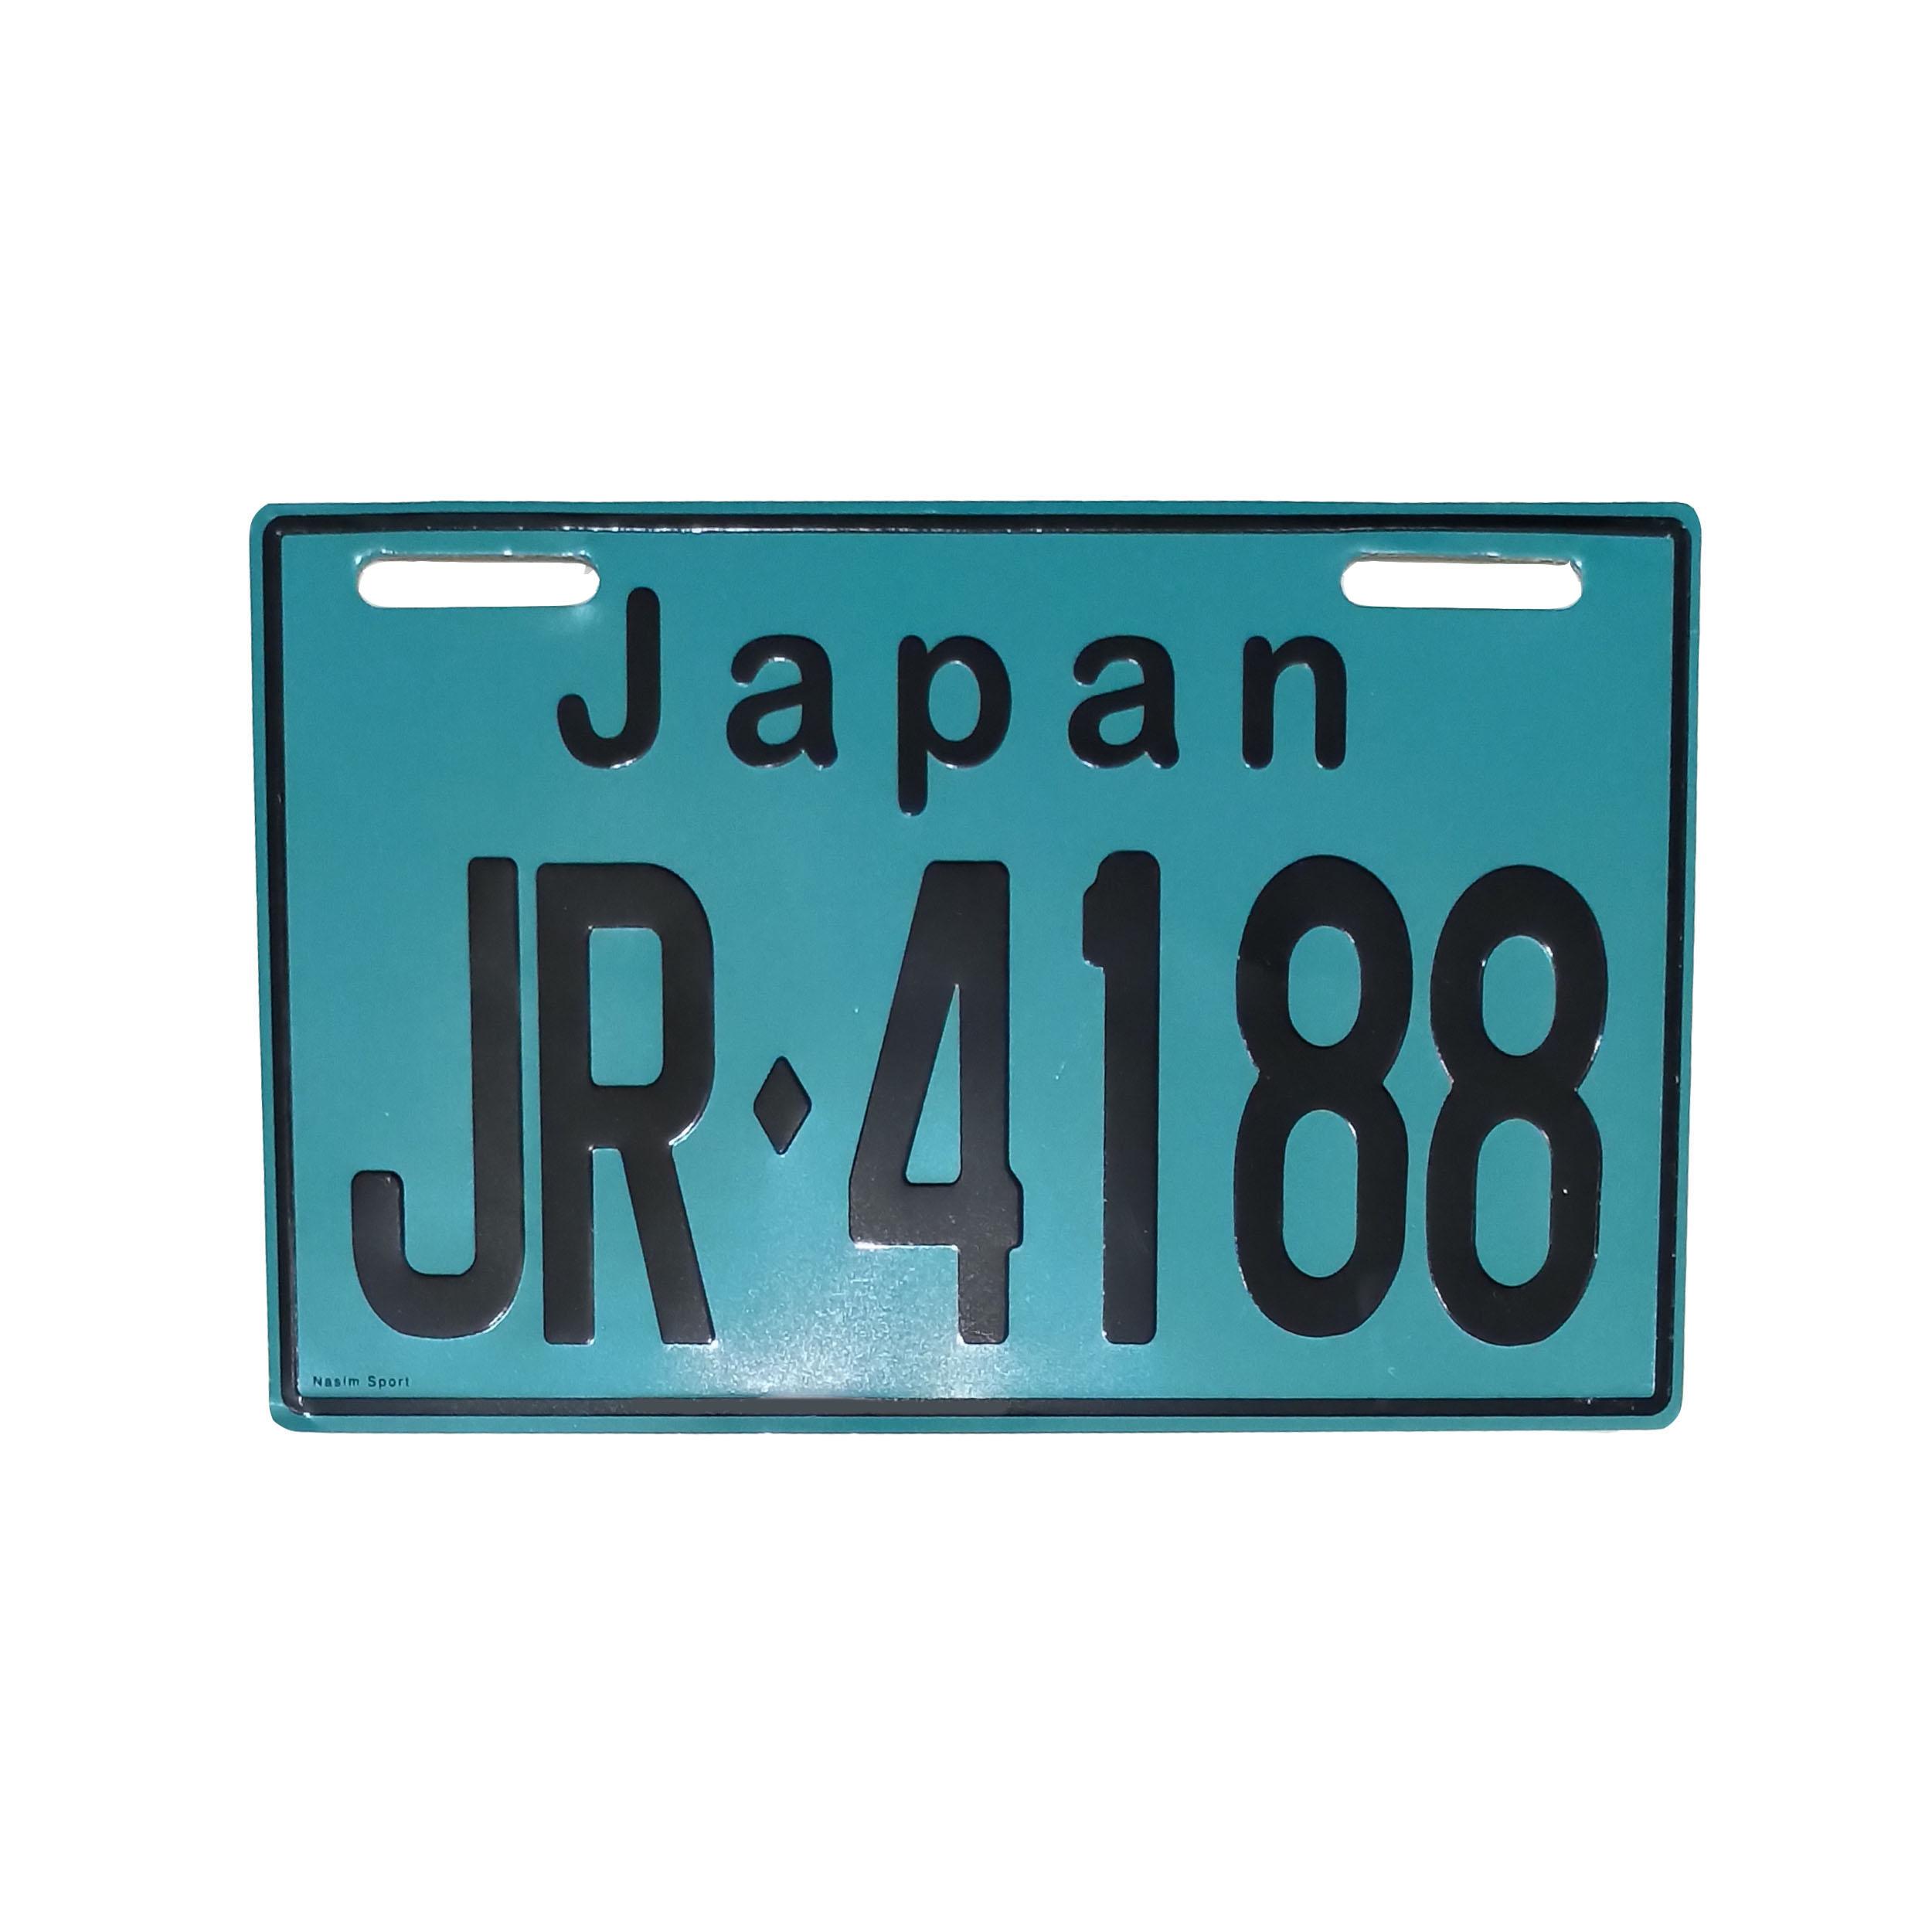 پلاک موتور سیکلت مدل JR-4188